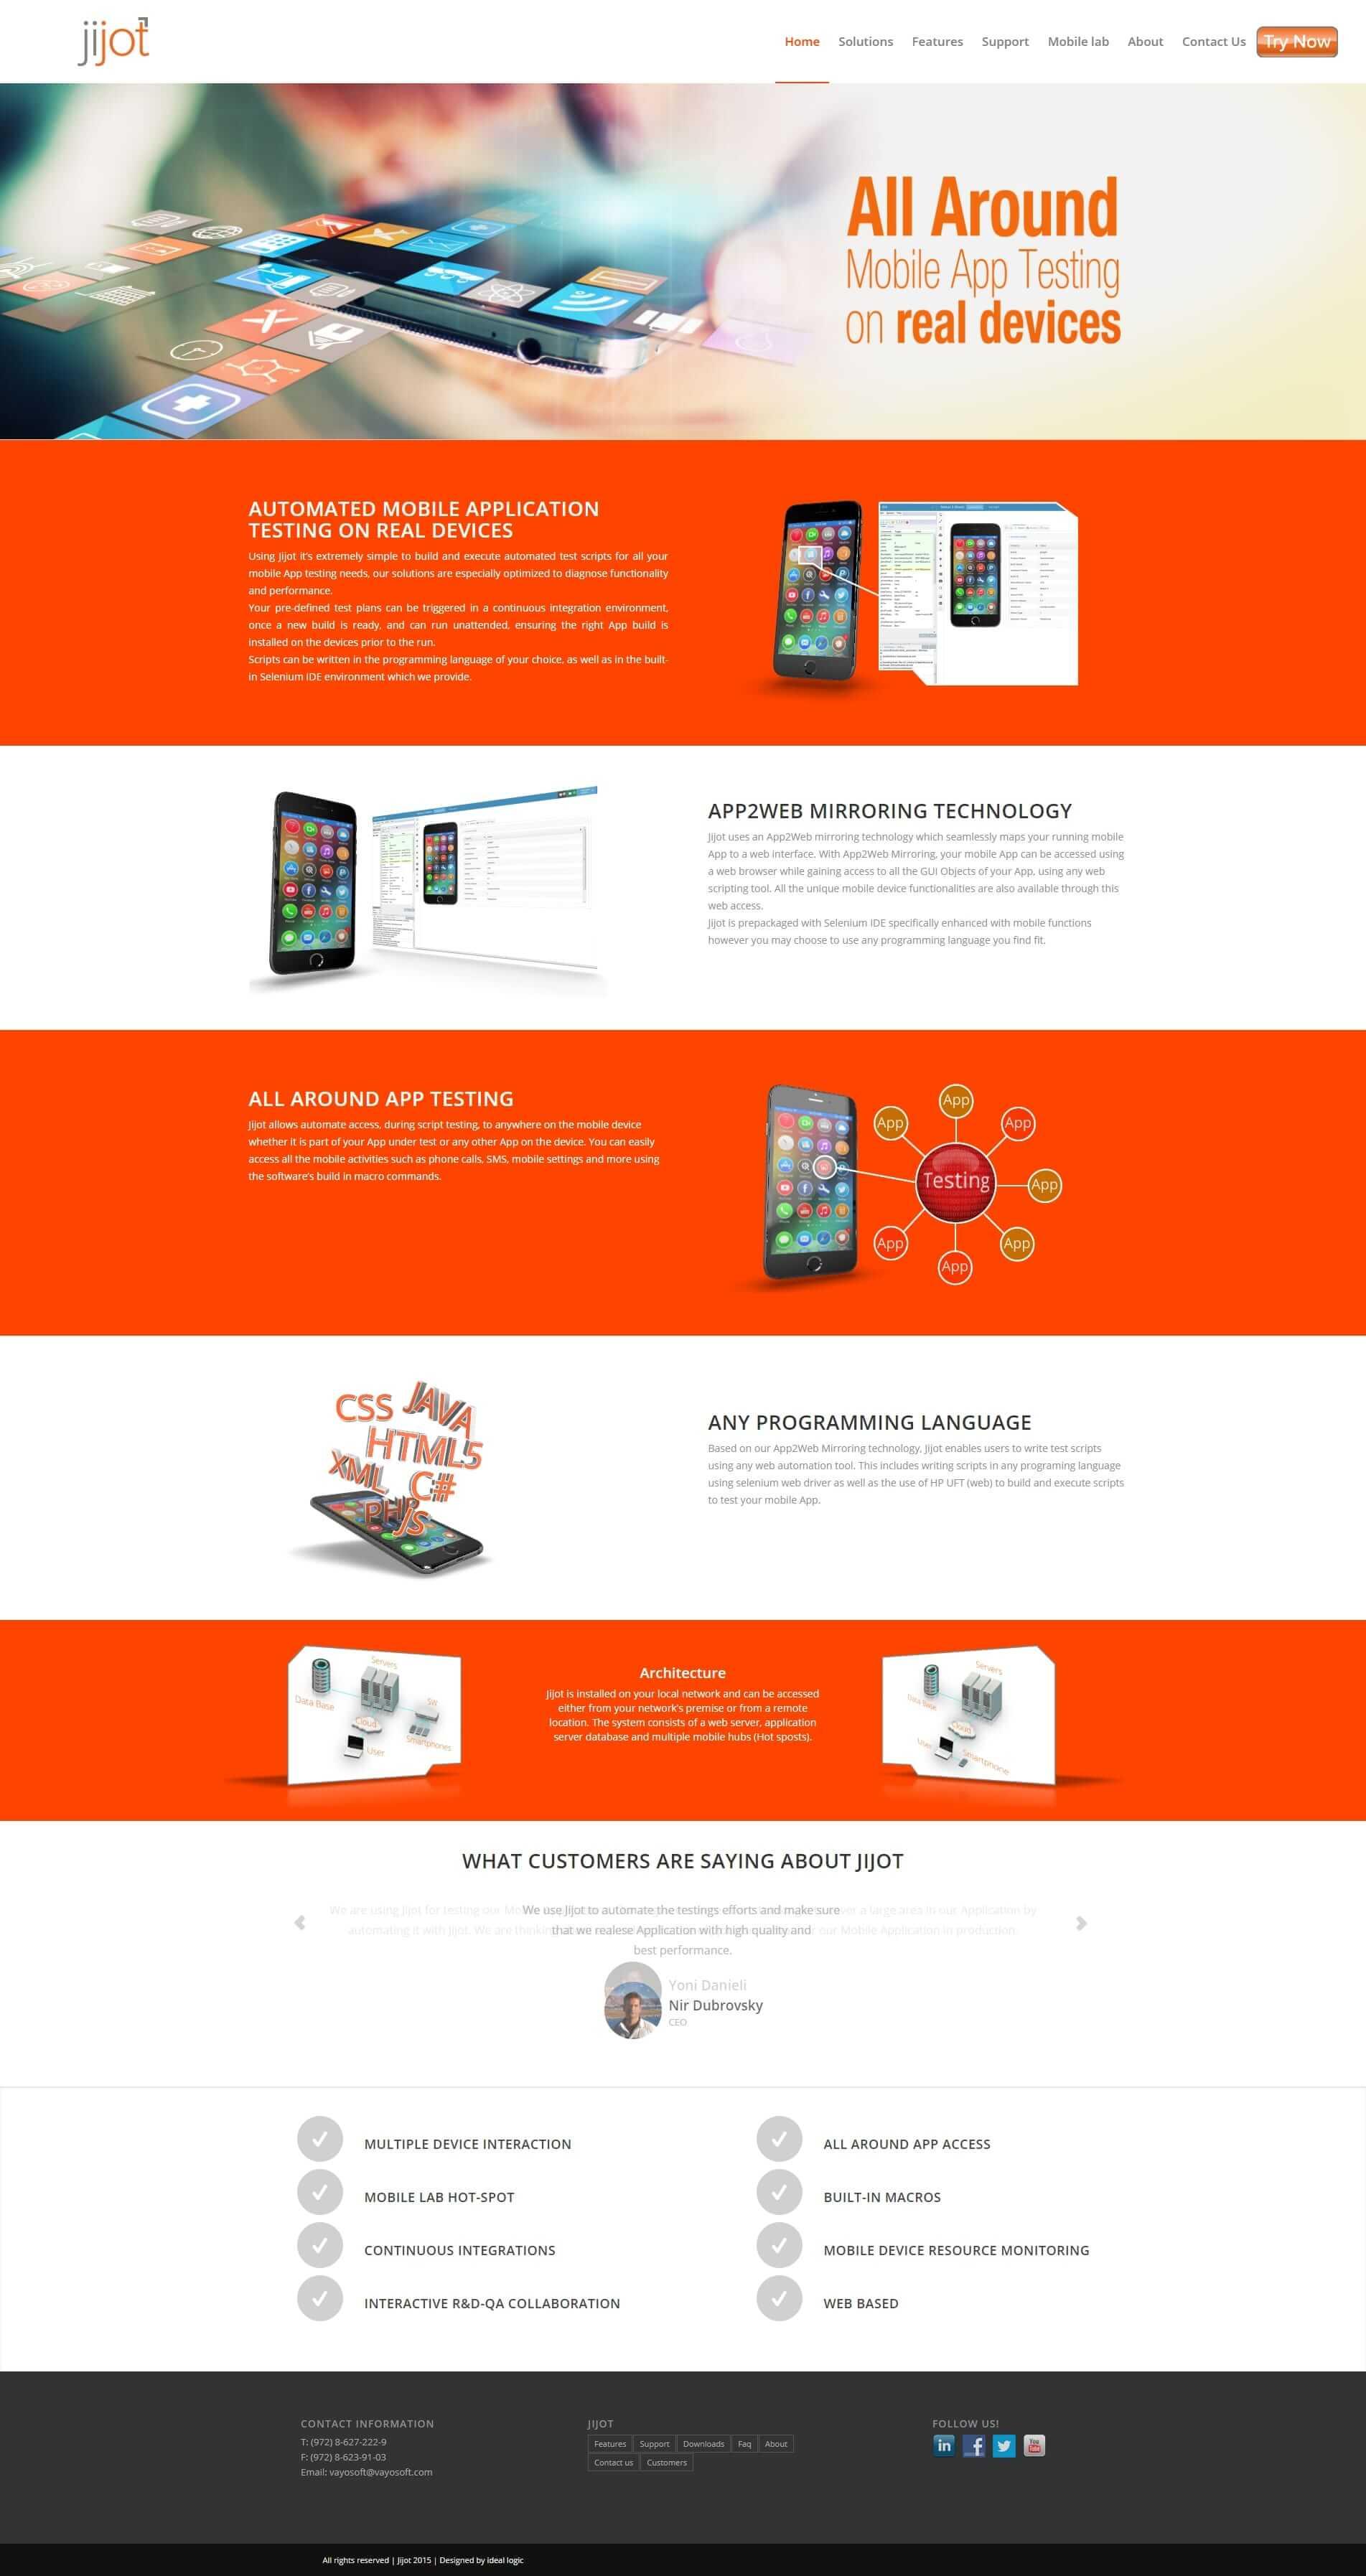 בניית אתר: לחברת jijot.